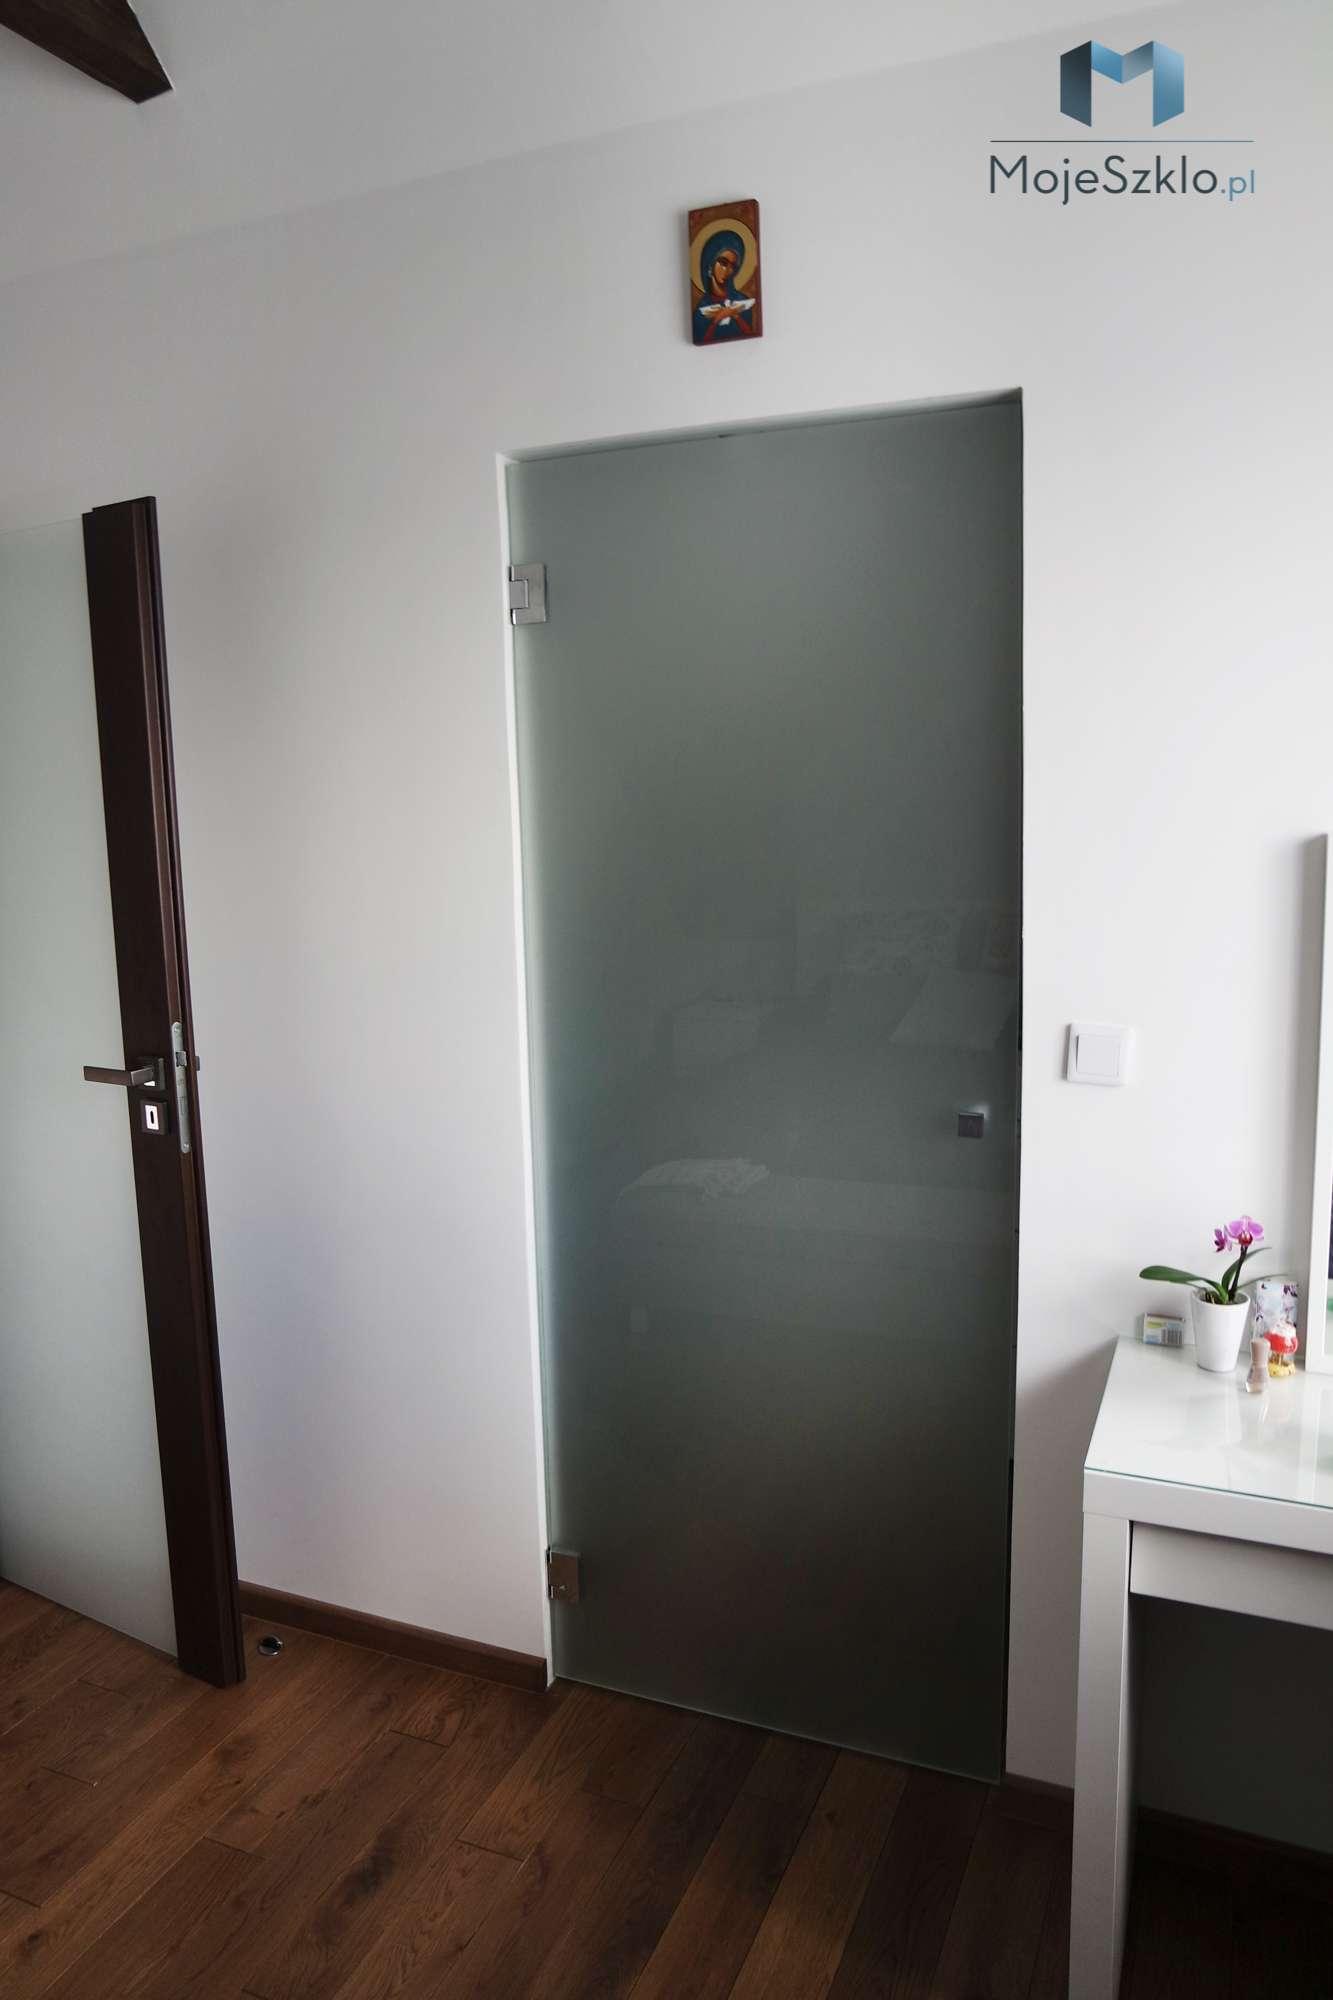 Drzwi Szklane Rodzaje Drzwi Szklanych Na Wymiar Mojeszklopl